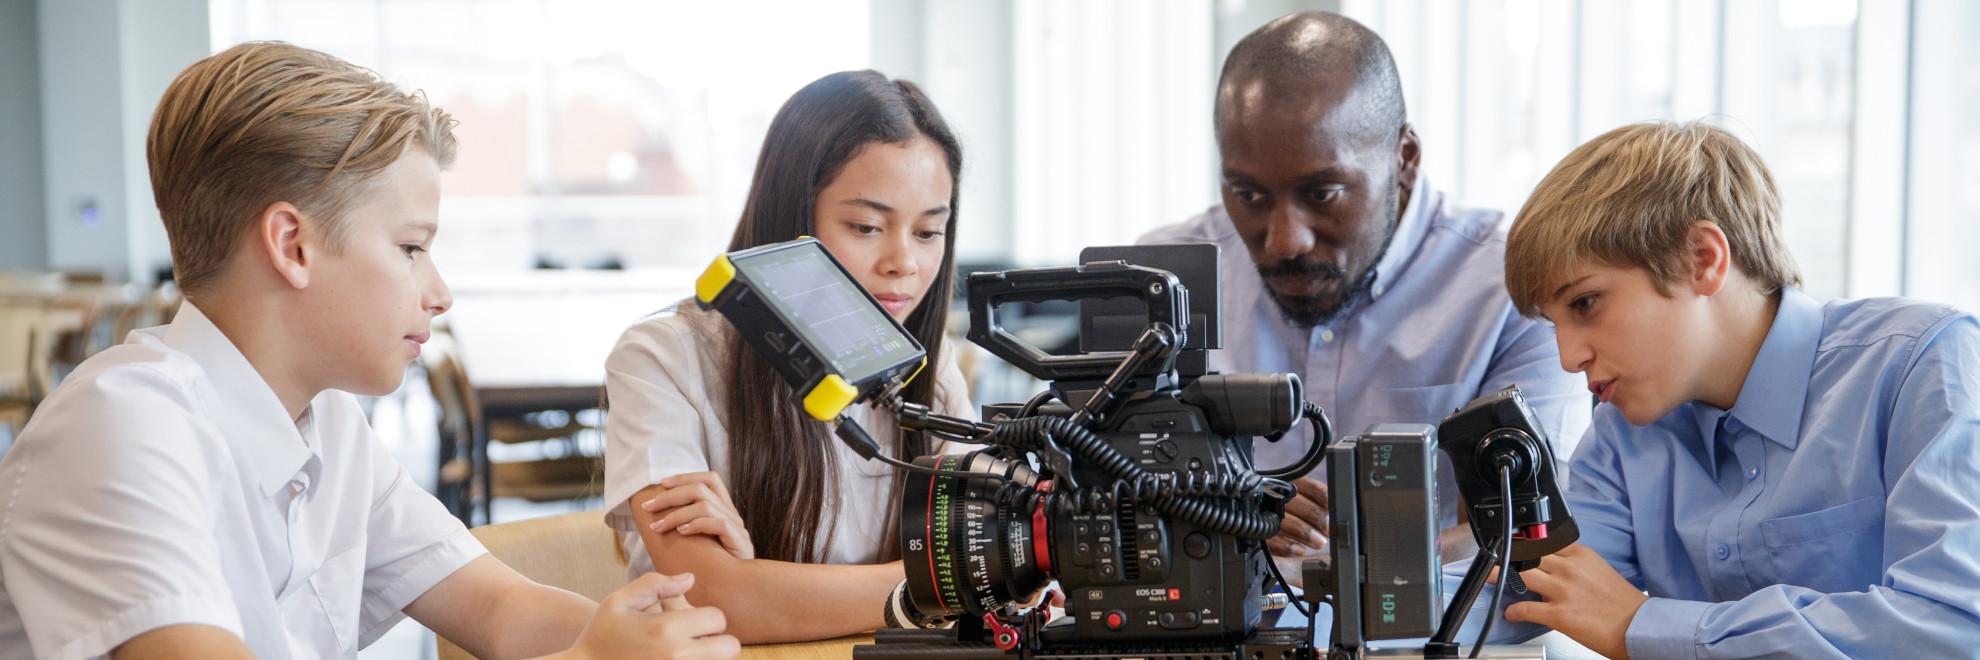 Burberry Inspire @ Leeds Young Film